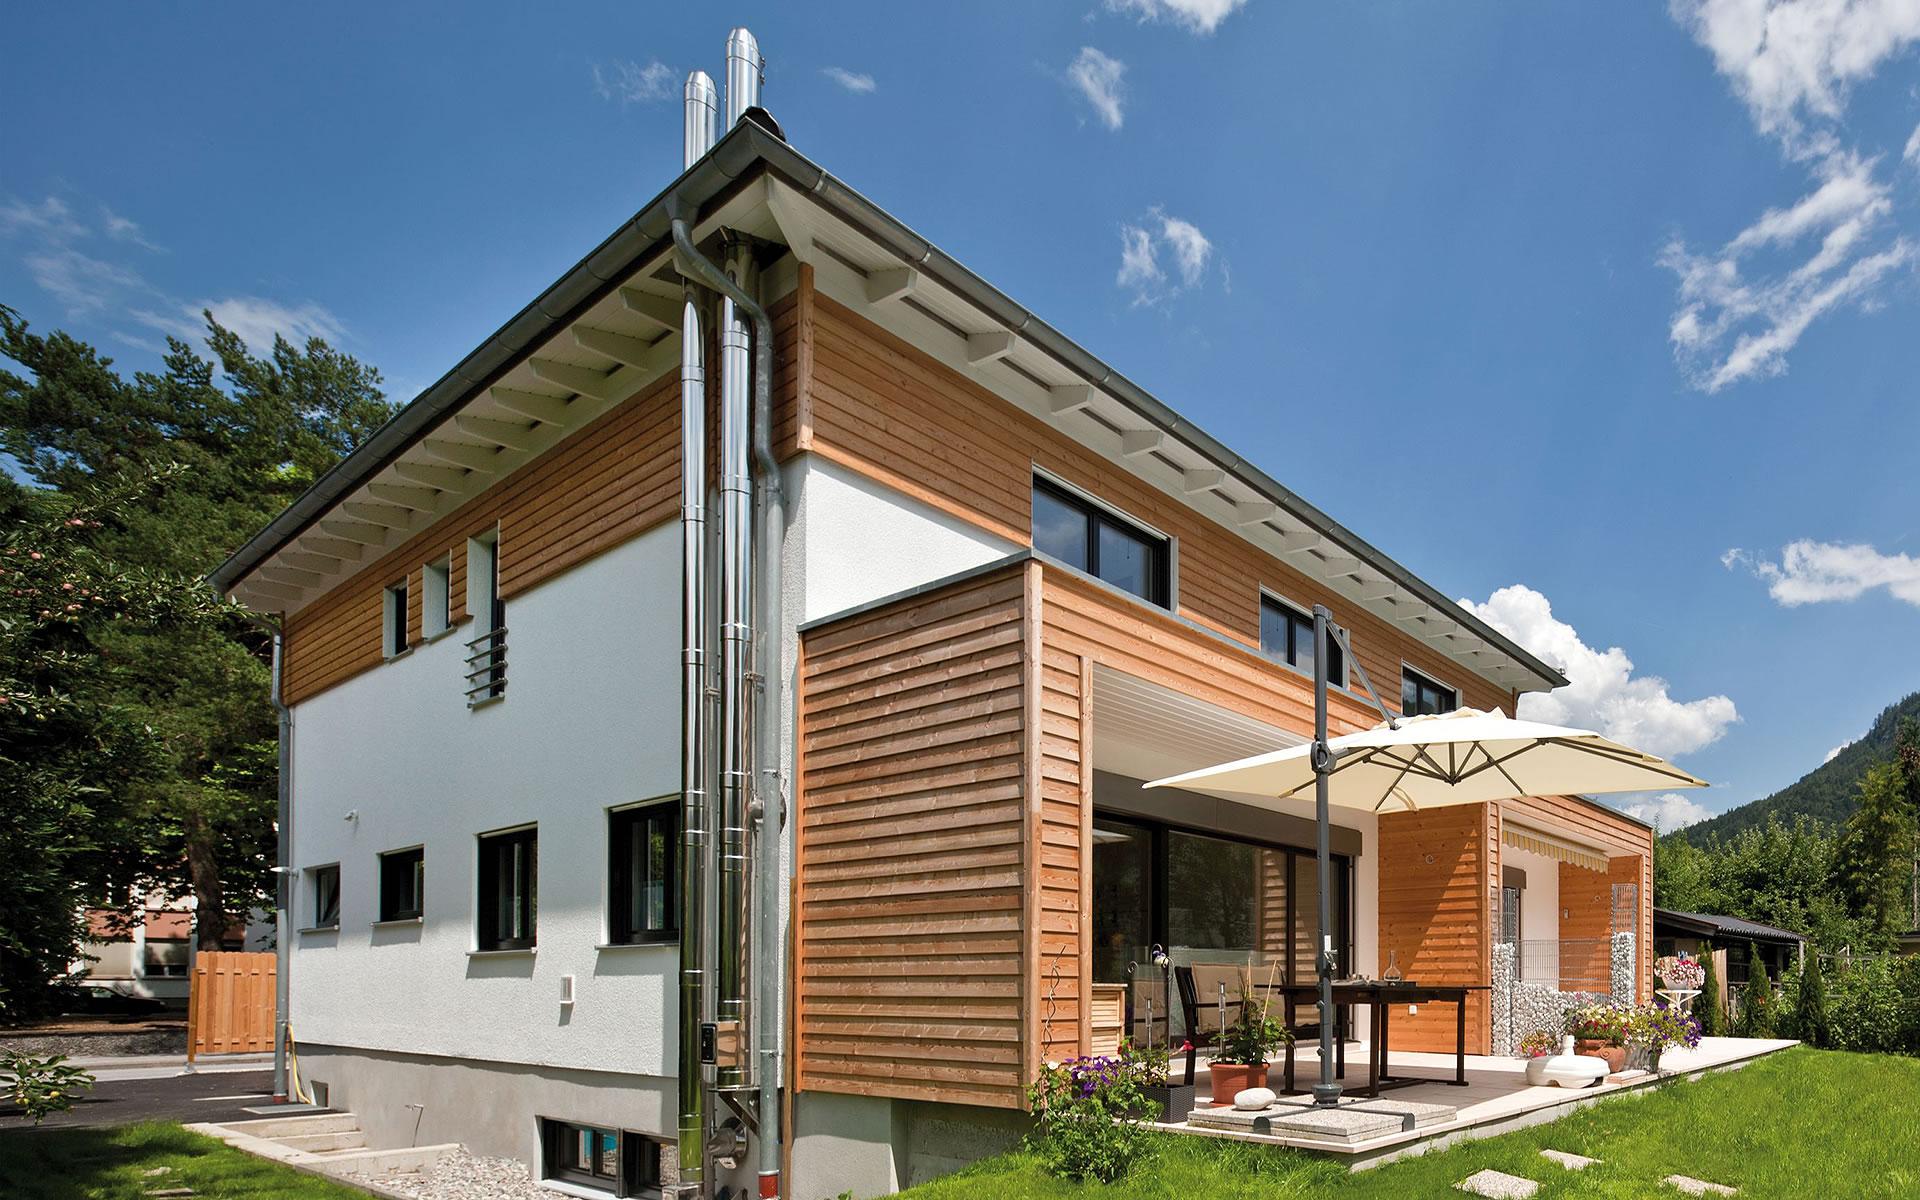 Kufstein Duo von Regnauer Hausbau GmbH & Co. KG